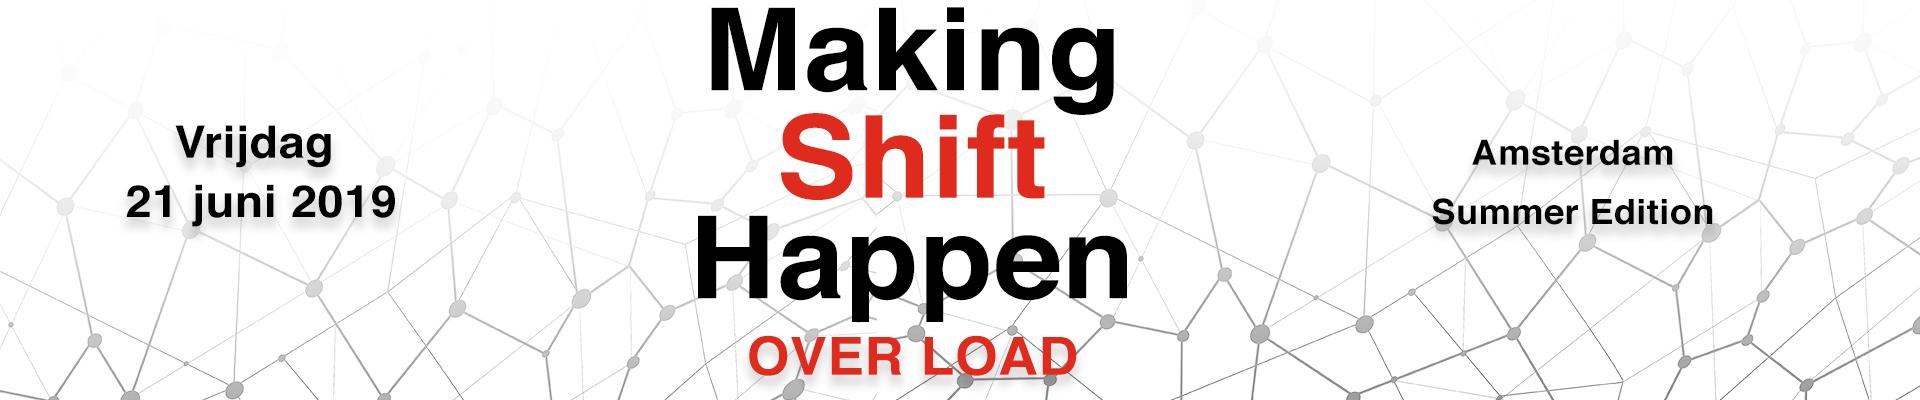 Making Shift Happen 2019 - Summer Edition - OVER LOAD